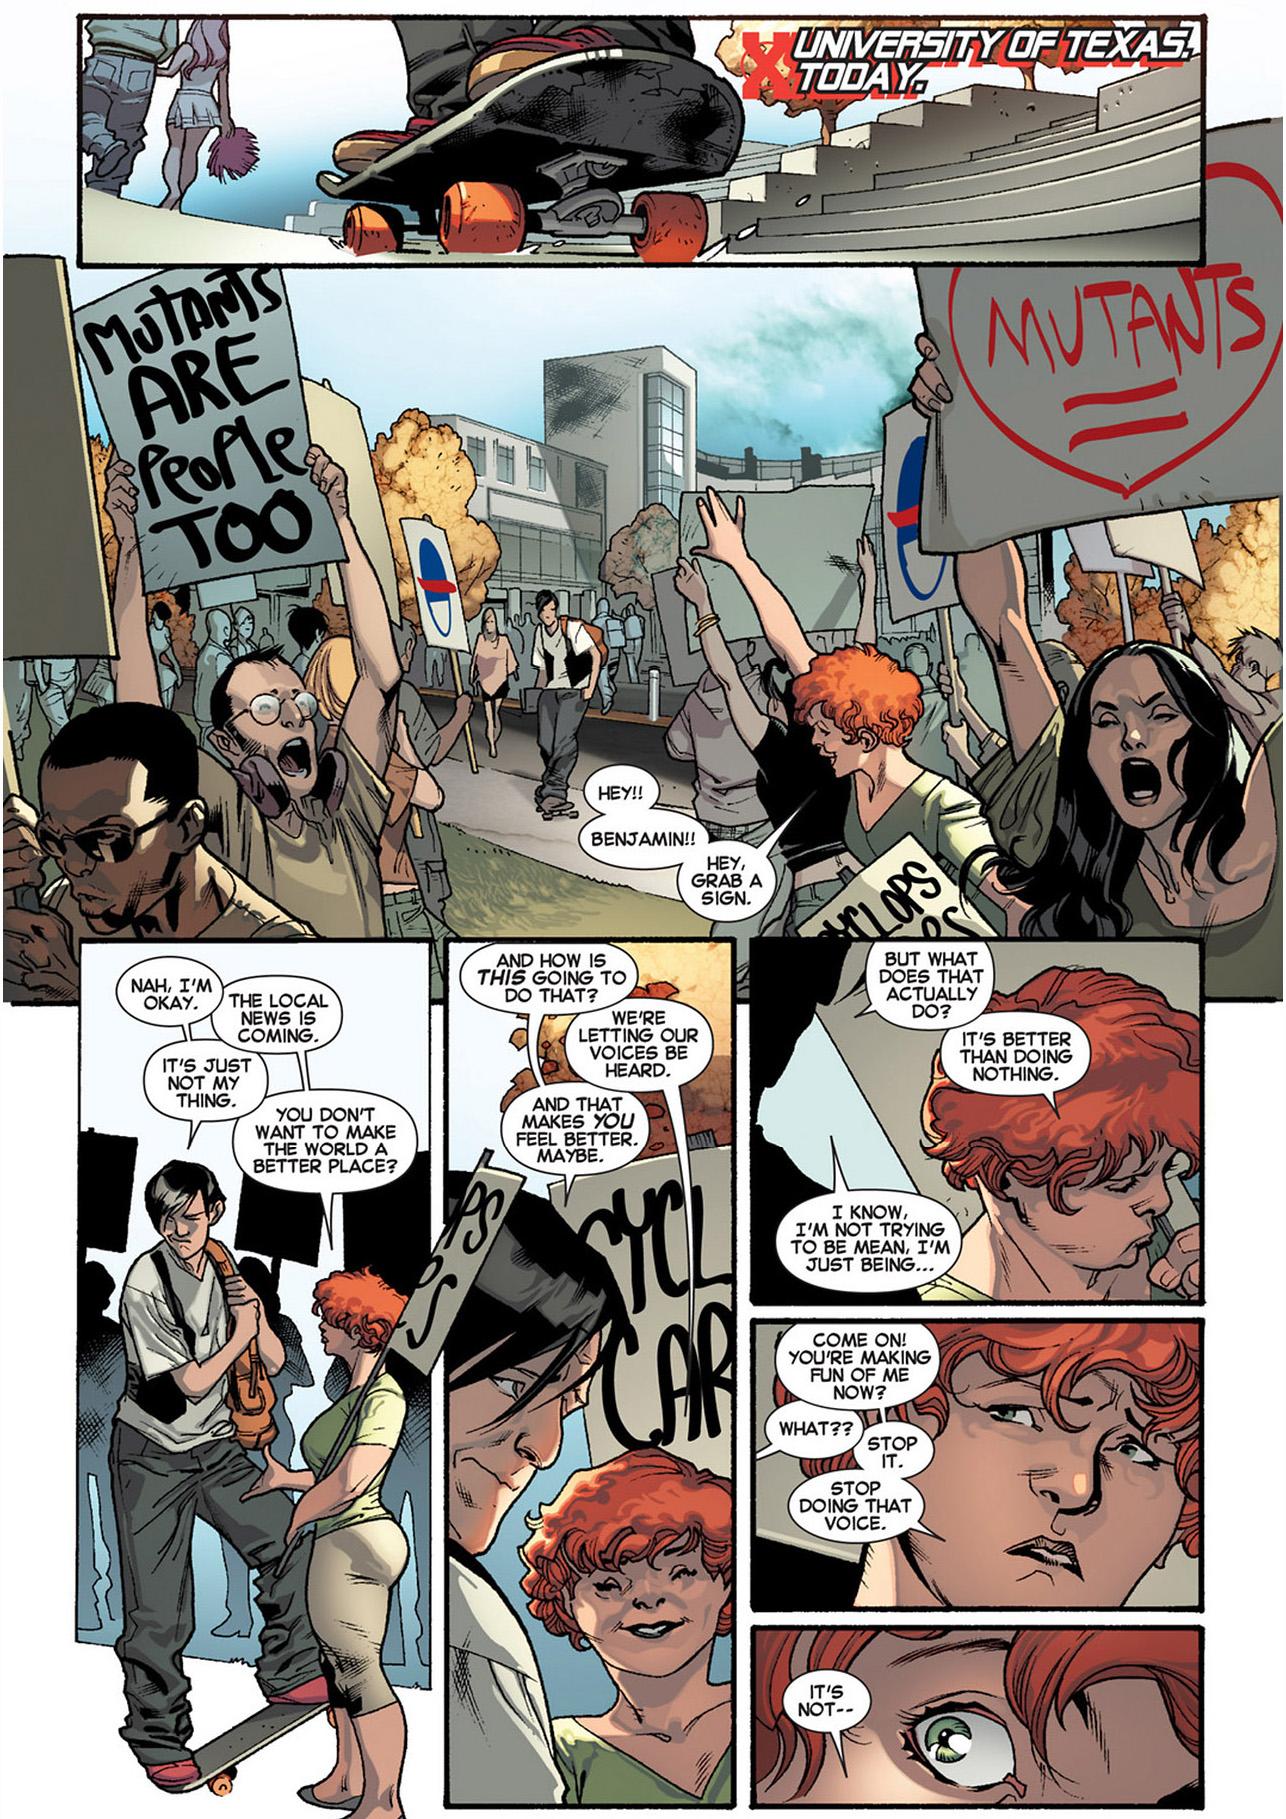 Benjamin Deeds's Mutant Powers Emerges